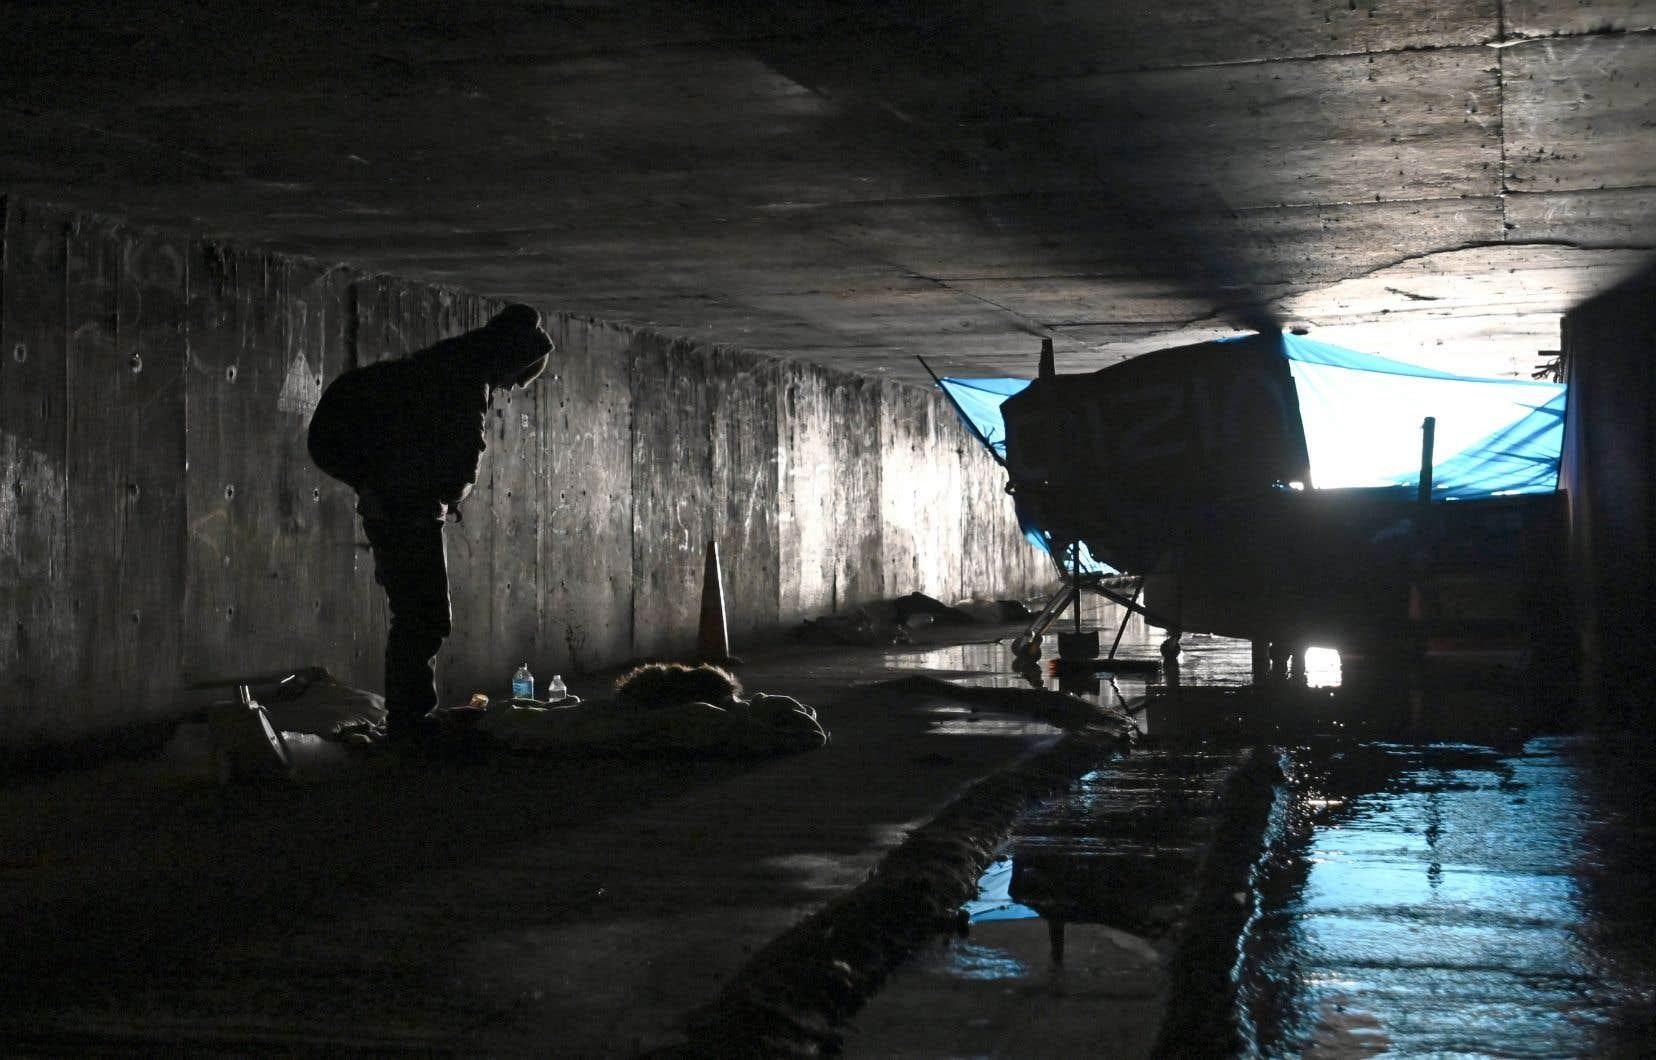 Les sans-abri sont de plus en plus nombreux dans les rues de Las Vegas, mais aussi dans les égouts pluviaux situés sous la ville.